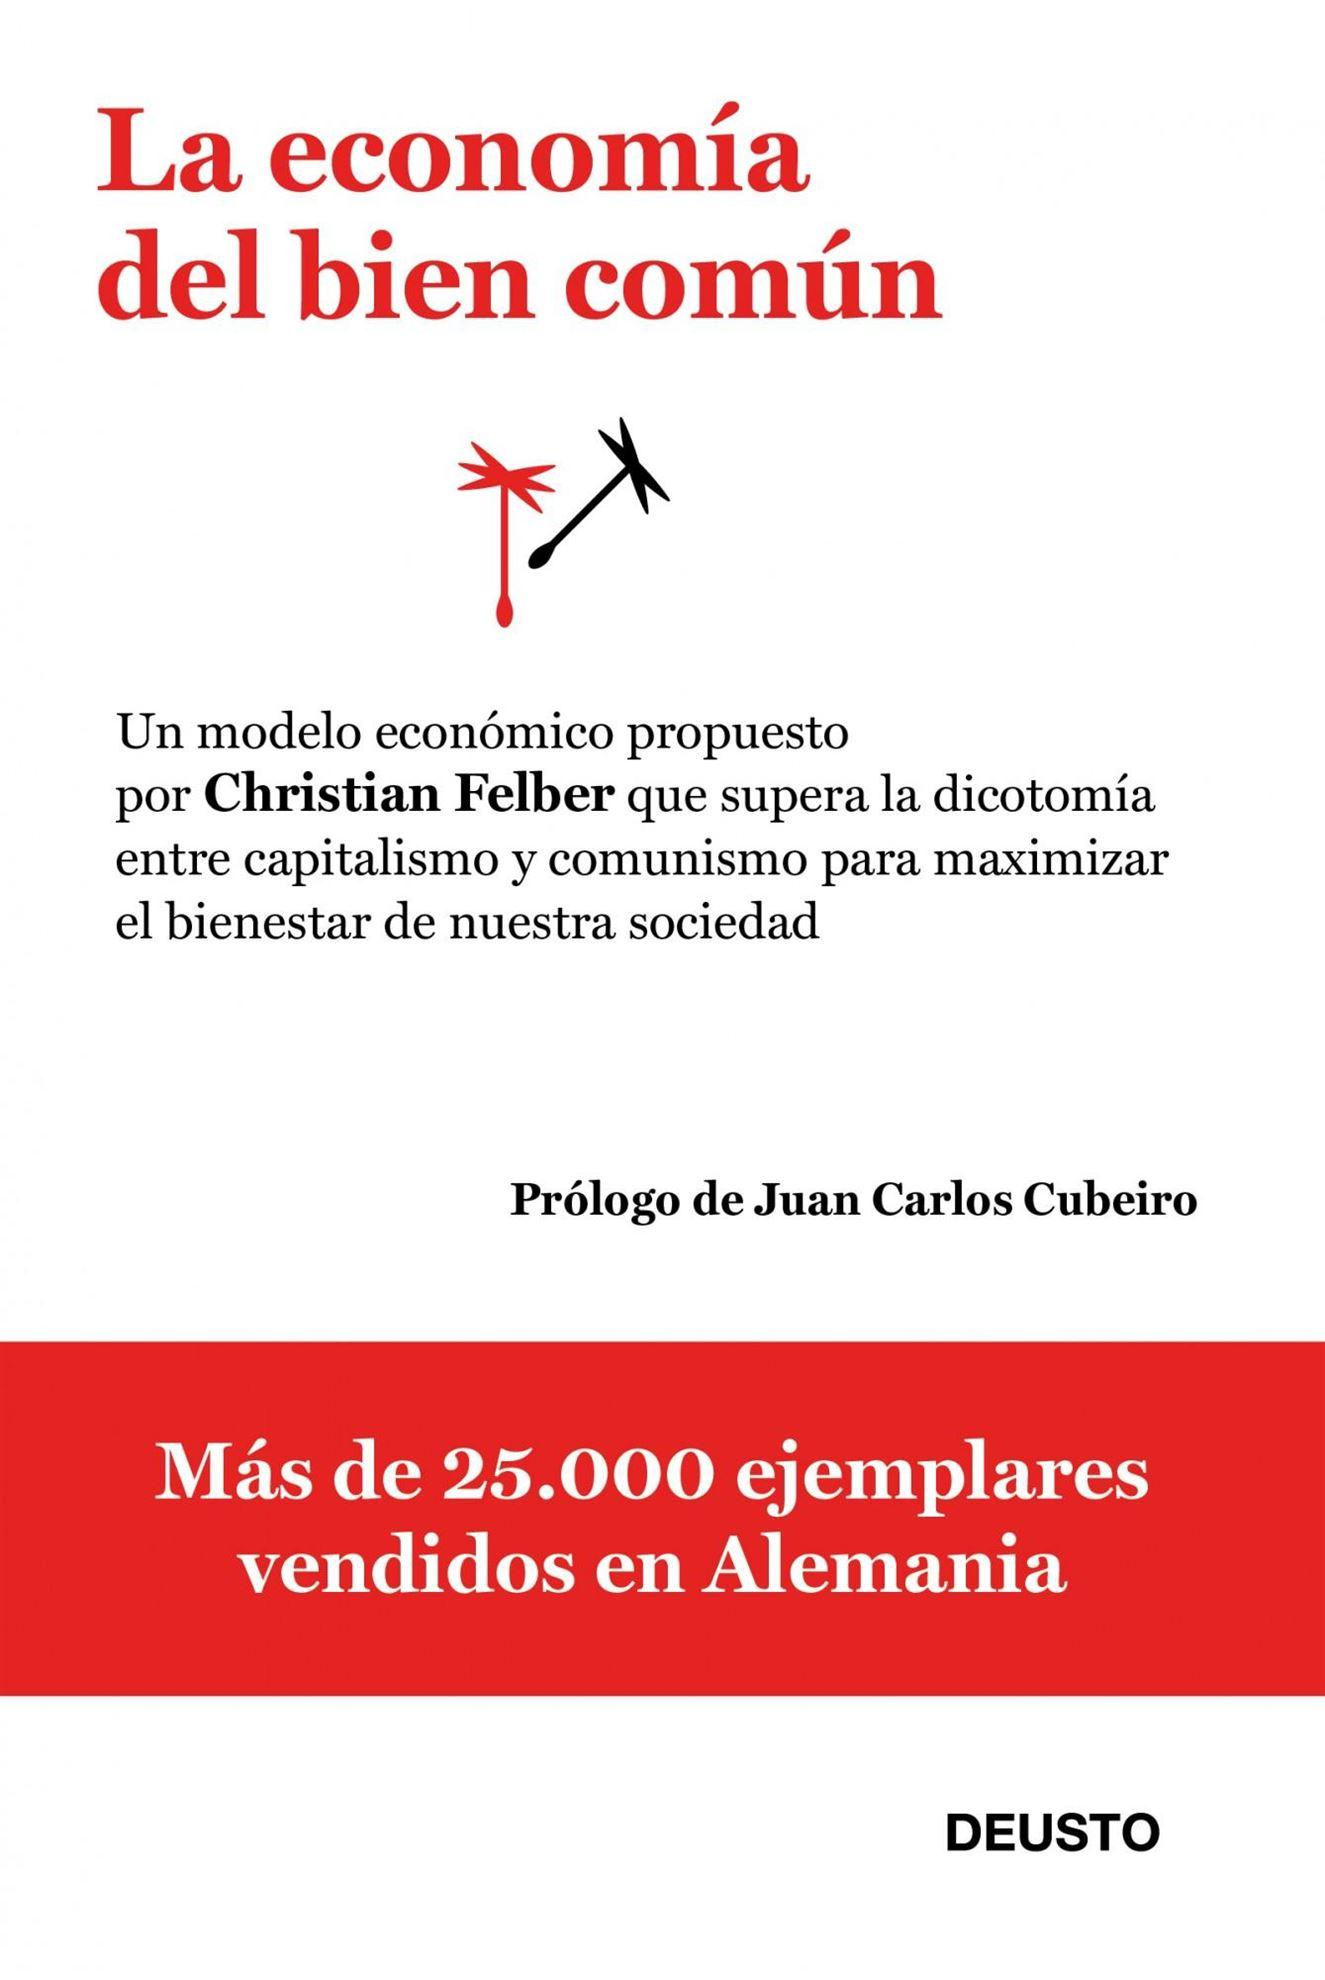 La economía del bien común. Christian Felber.